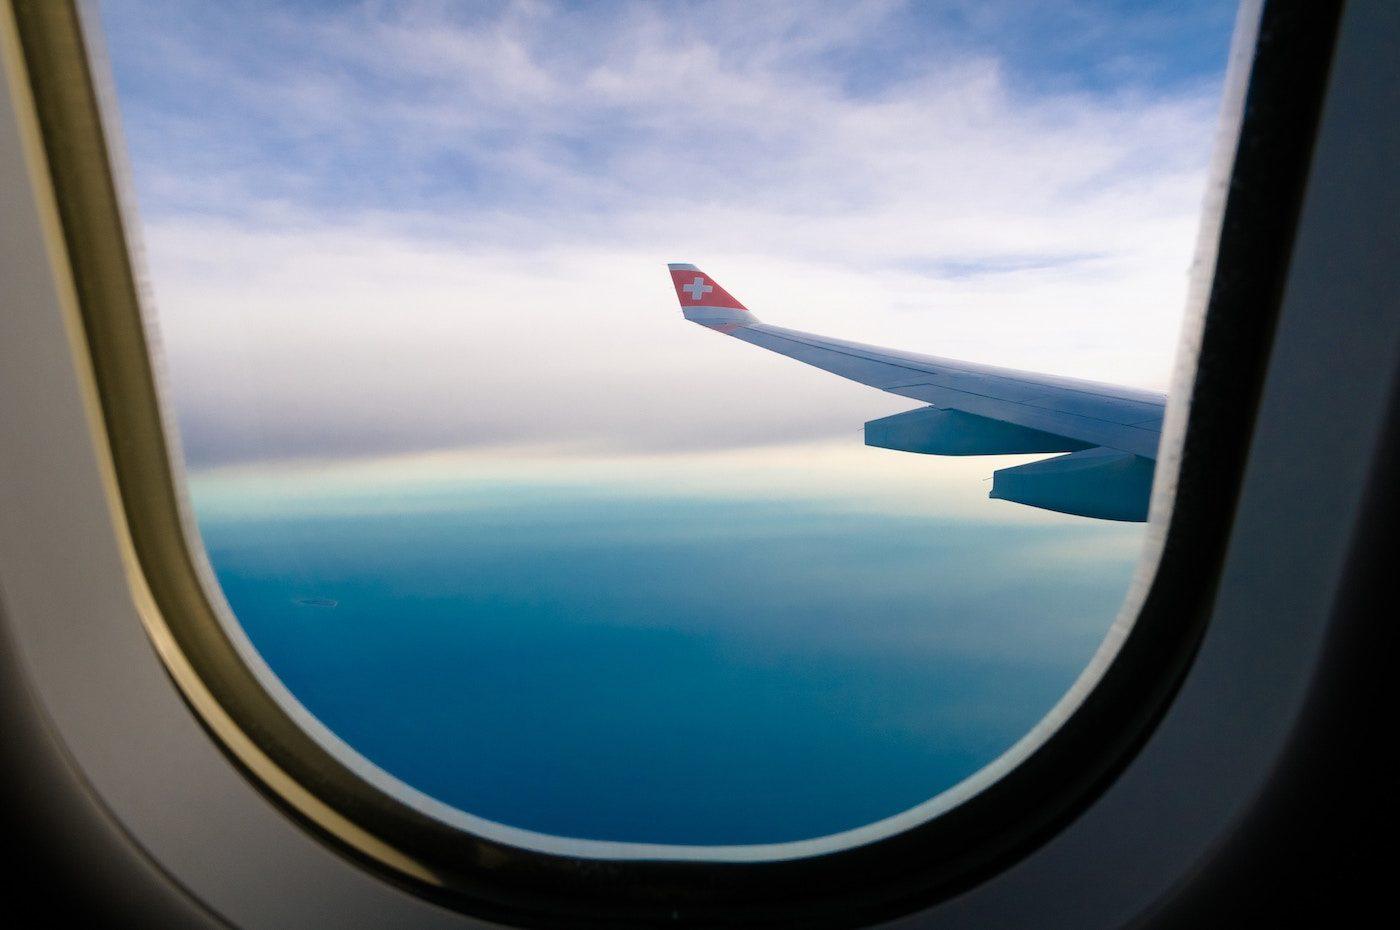 Fluganalyse: Schweizer Flugbranche wird immer unpünktlicher AirHelp analysiert alle Passagierflüge der letzten fünf Jahre in der Schweiz Anzahl verspäteter oder ausgefallener Flüge stieg um mehr als die Hälfte 2018 hatten 88 Prozent mehr Passagiere einen Anspruch auf Entschädigung als 2014